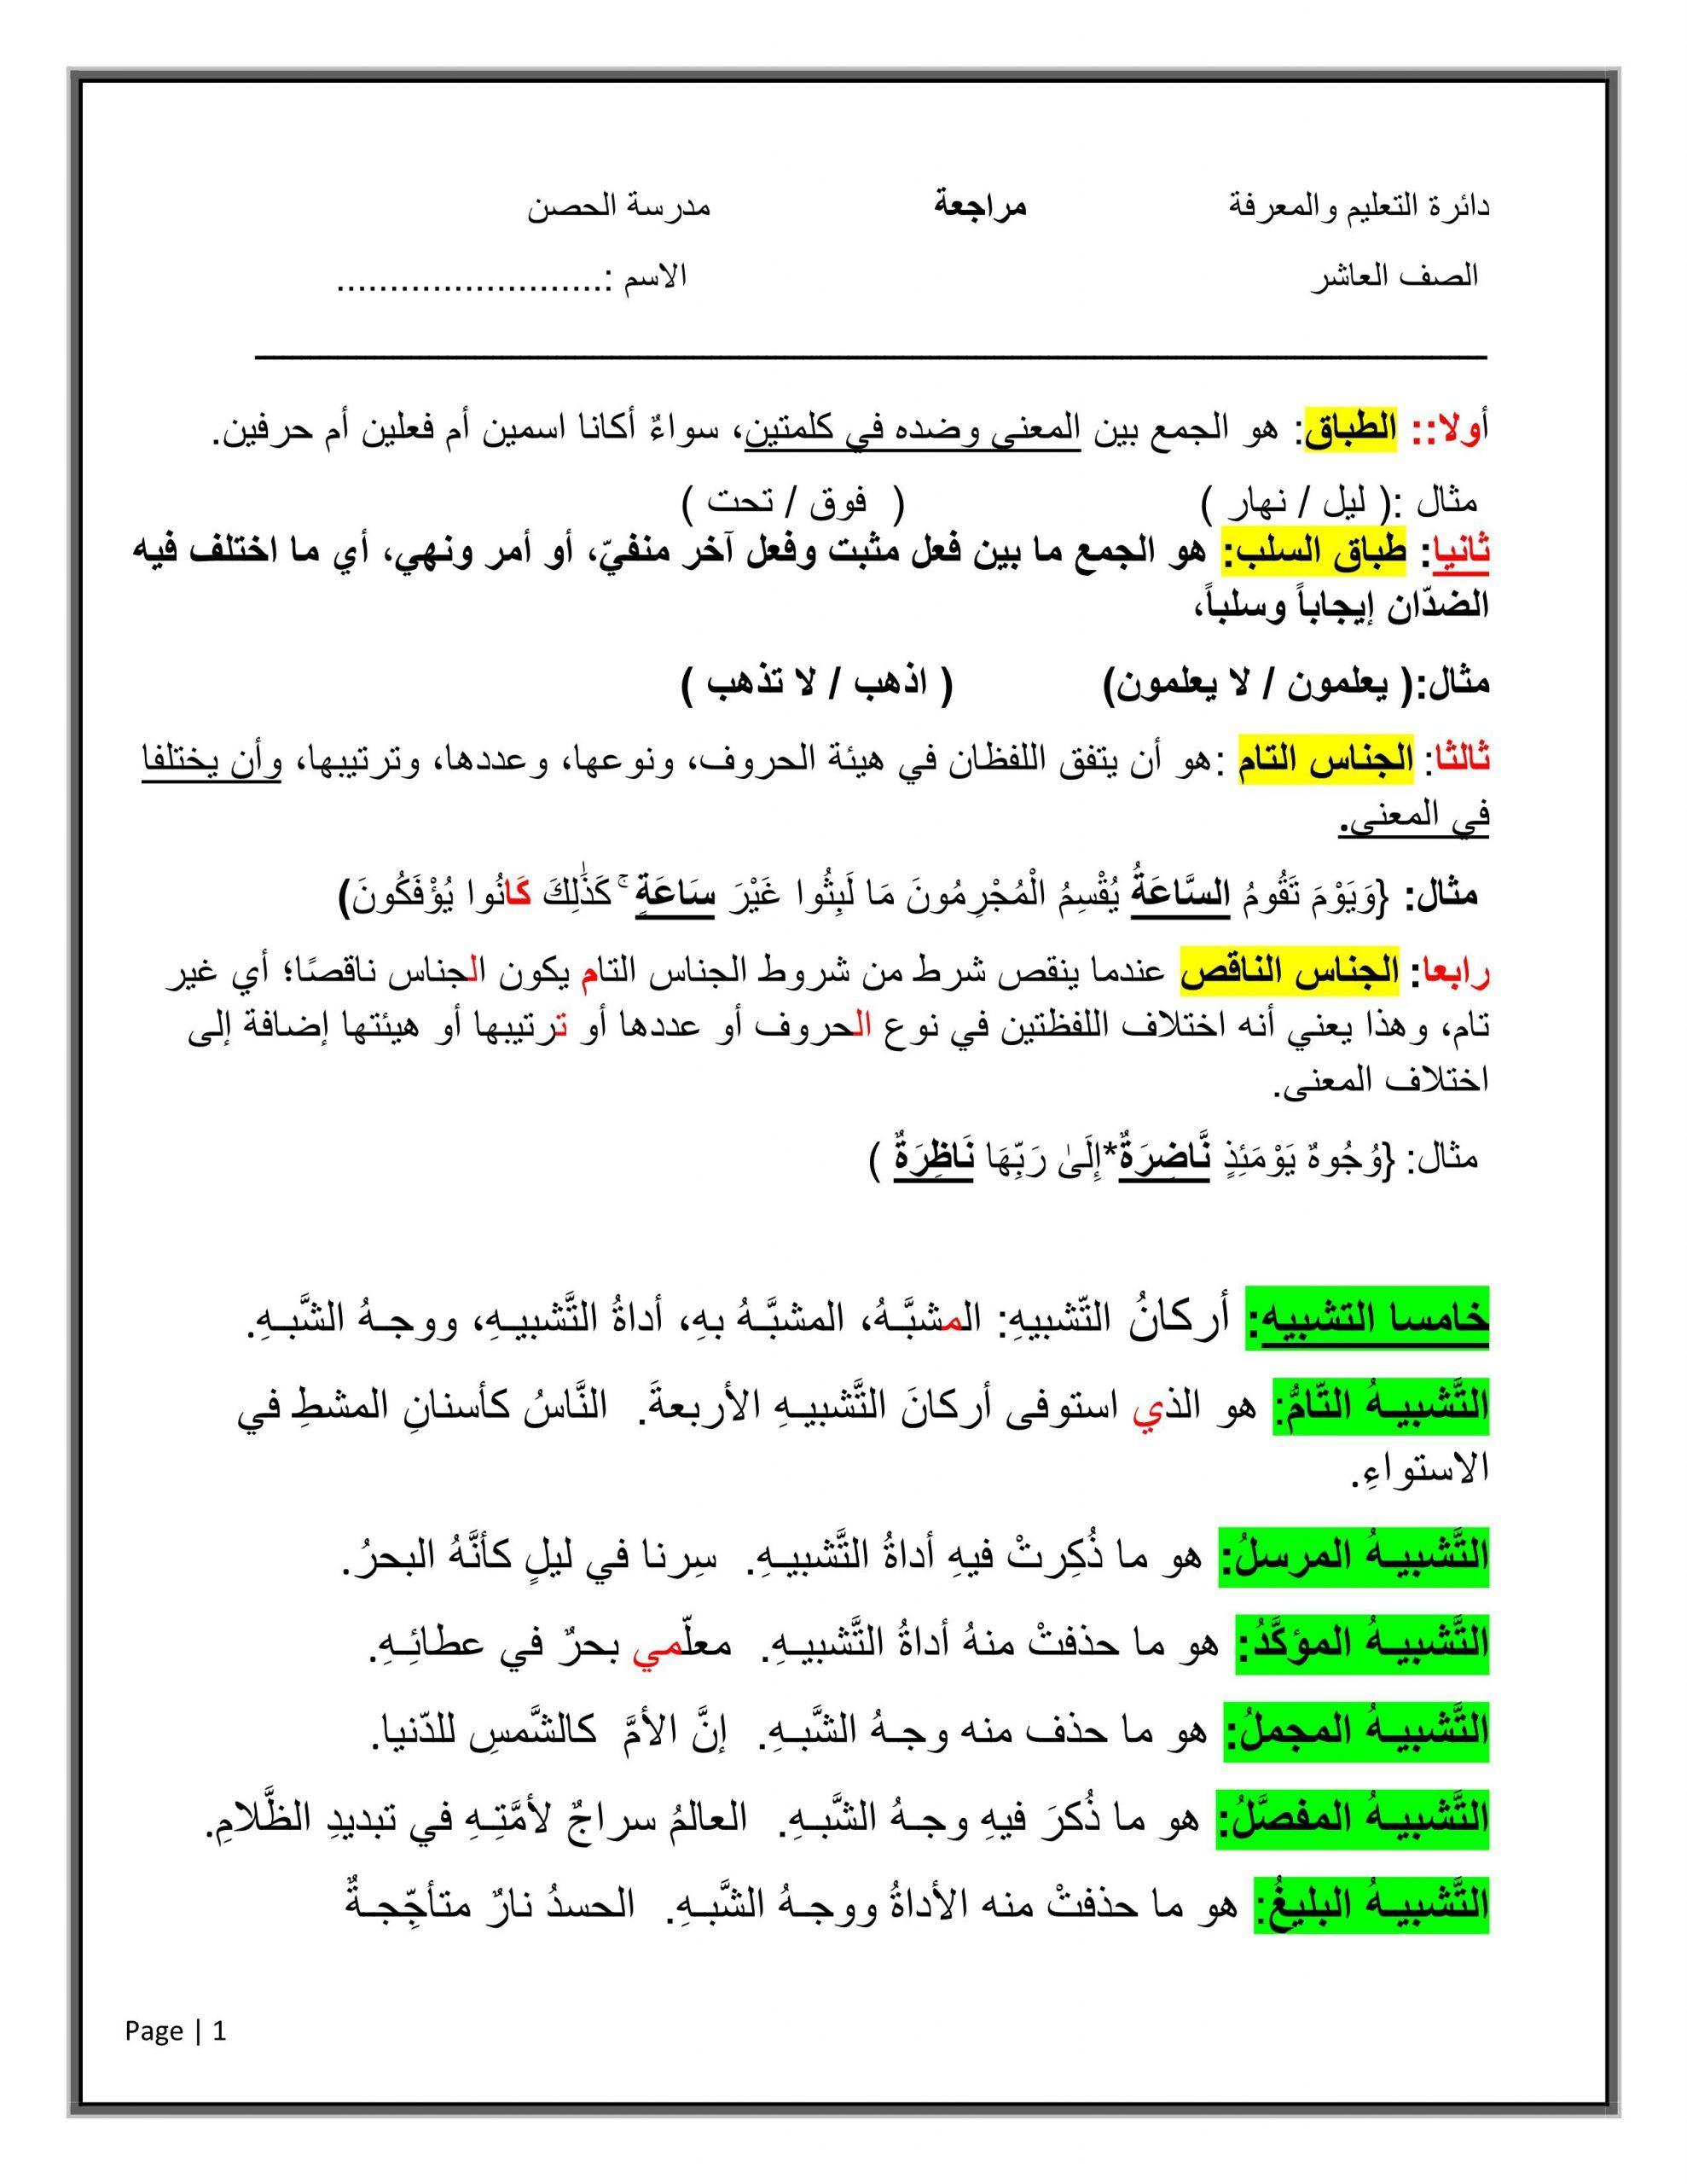 شرح واوراق عمل تمارين مراجعة الصف العاشر مادة اللغة العربية